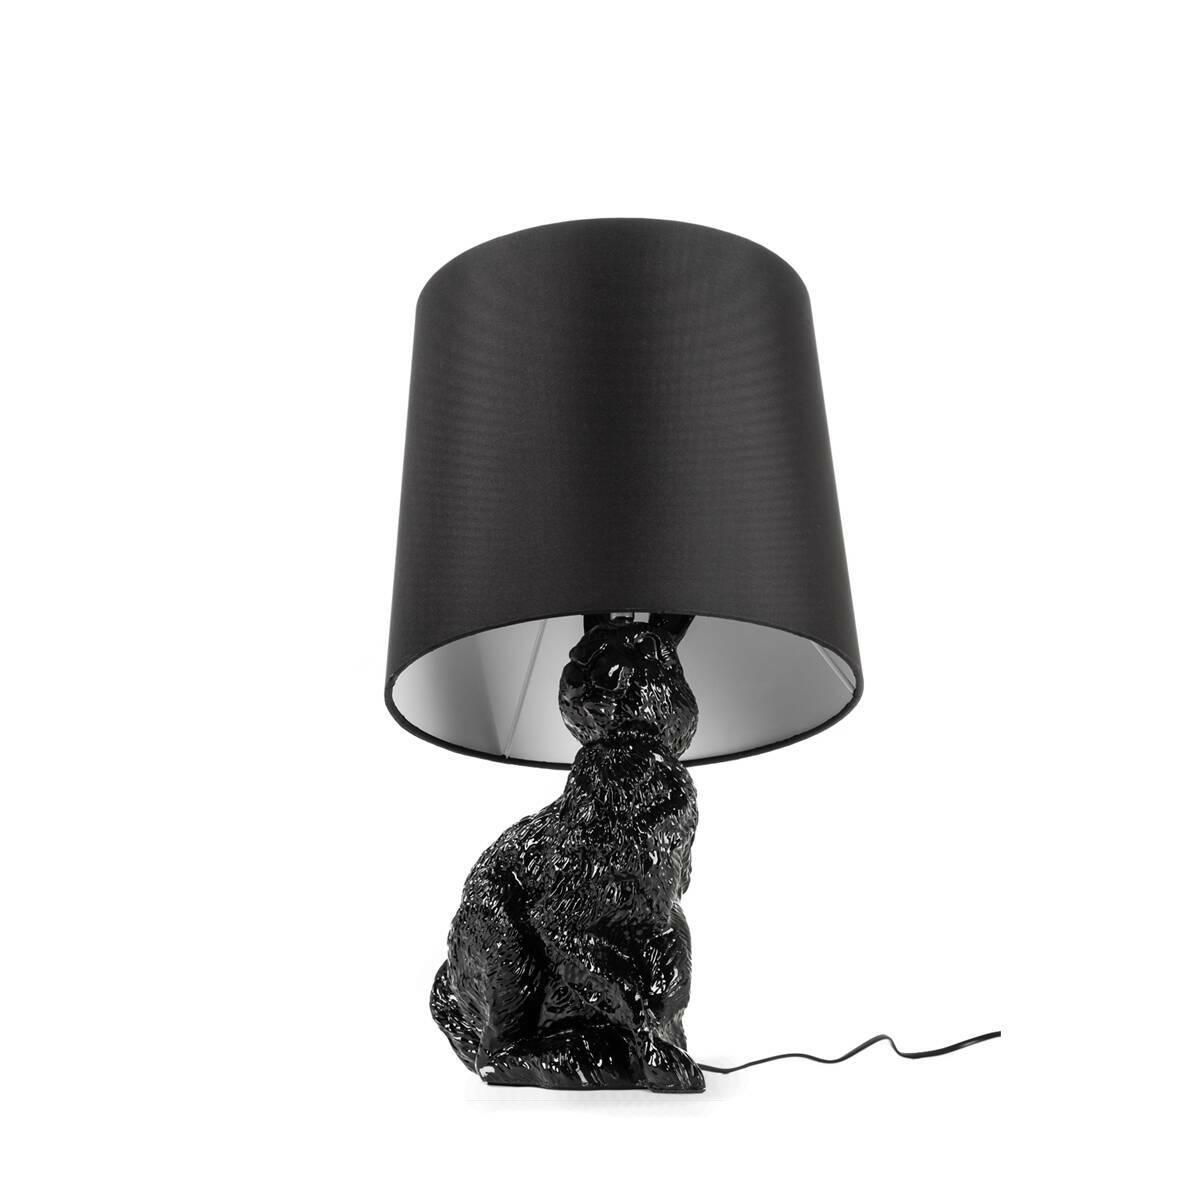 Настольный светильник RabbitНастольные<br>Дизайнерский настольный светильник Rabbit (Рэббит) в форме кролика от Cosmo (Космо).<br><br> Привнесите в ваш интерьер нотку юмора! Забавный, причудливый, но при этом очень практичный настольный светильник Rabbit оживит любую комнату. Пластиковое основание светильника выполнено в форме милого зверька кролика, который словно спрятался и замер под абажуром. Найдут или не найдут? Заметят или нет?<br><br><br> Светильник представляет собой воспроизведение работы шведской дизайнерской группы Front, котор...<br><br>stock: 0<br>Высота: 54<br>Диаметр: 29<br>Количество ламп: 1<br>Материал абажура: Ткань<br>Материал арматуры: Пластик<br>Ламп в комплекте: Нет<br>Напряжение: 220<br>Тип лампы/цоколь: E14<br>Цвет абажура: Черный<br>Цвет арматуры: Черный